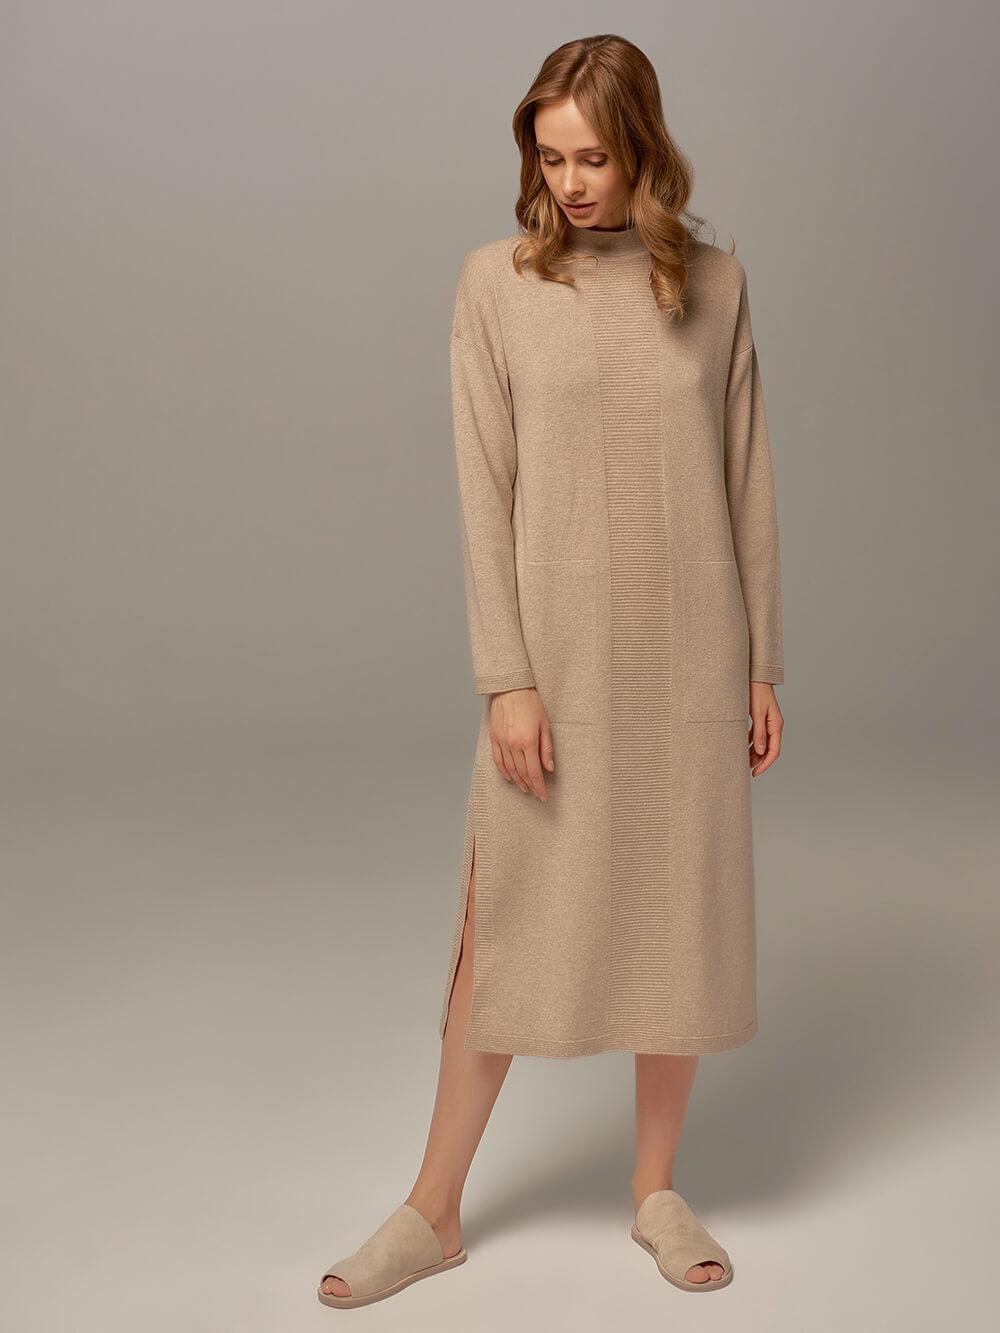 Женское платье бежевого цвета из шерсти и кашемира - фото 1